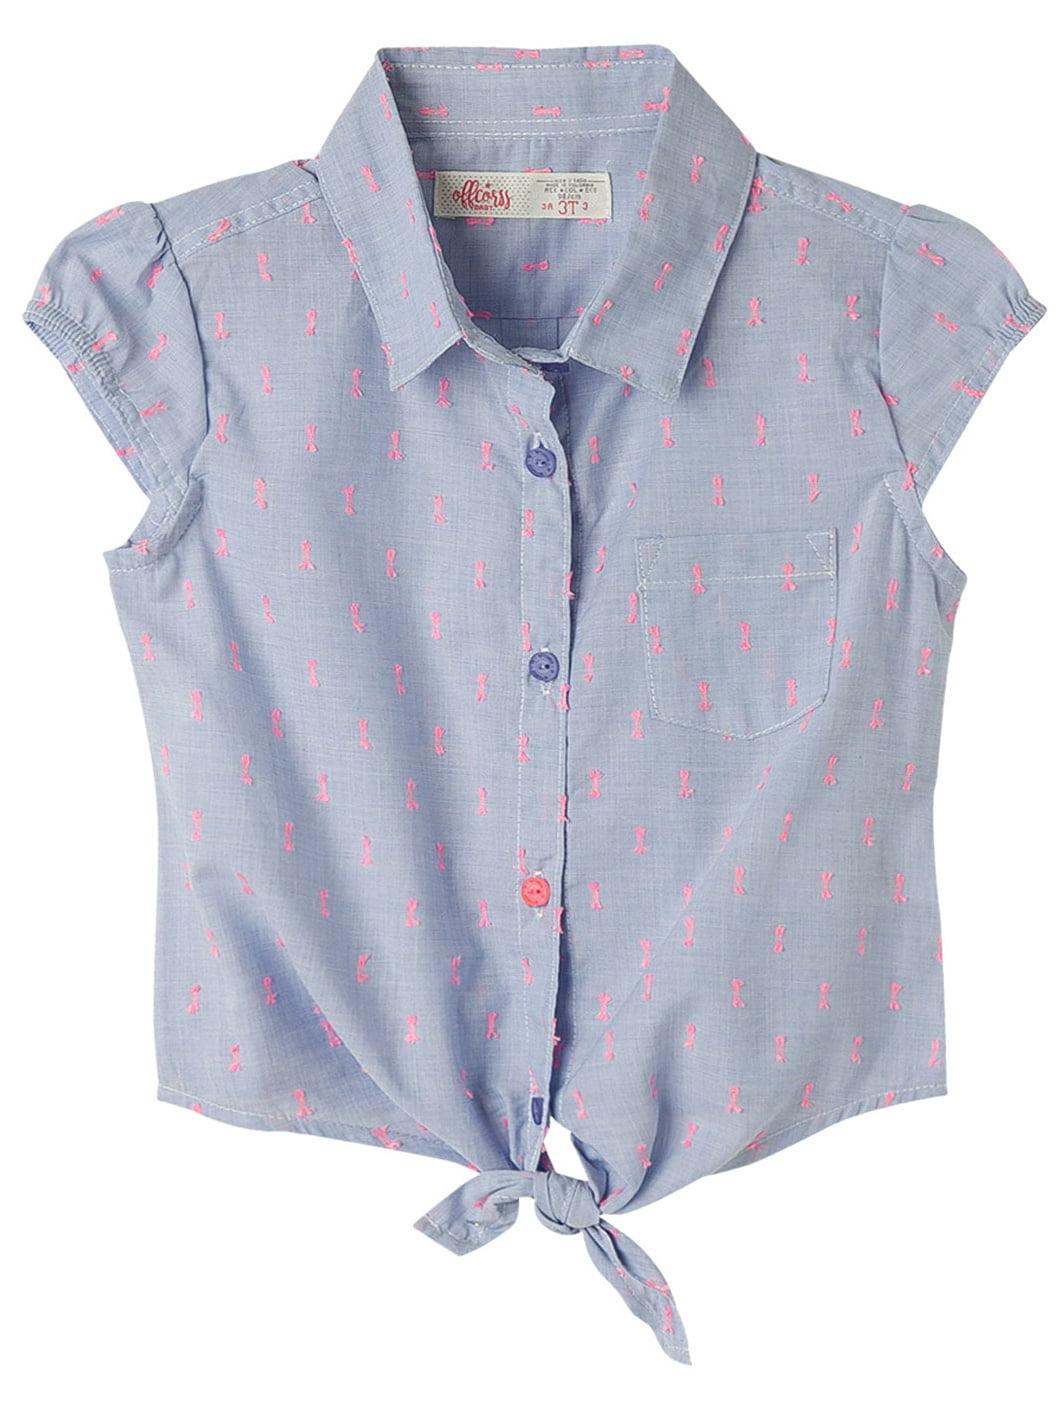 OFFCORSS Toddler Girls Sleeveless Collared Shirt Blouse | Blusa Casual de Niña